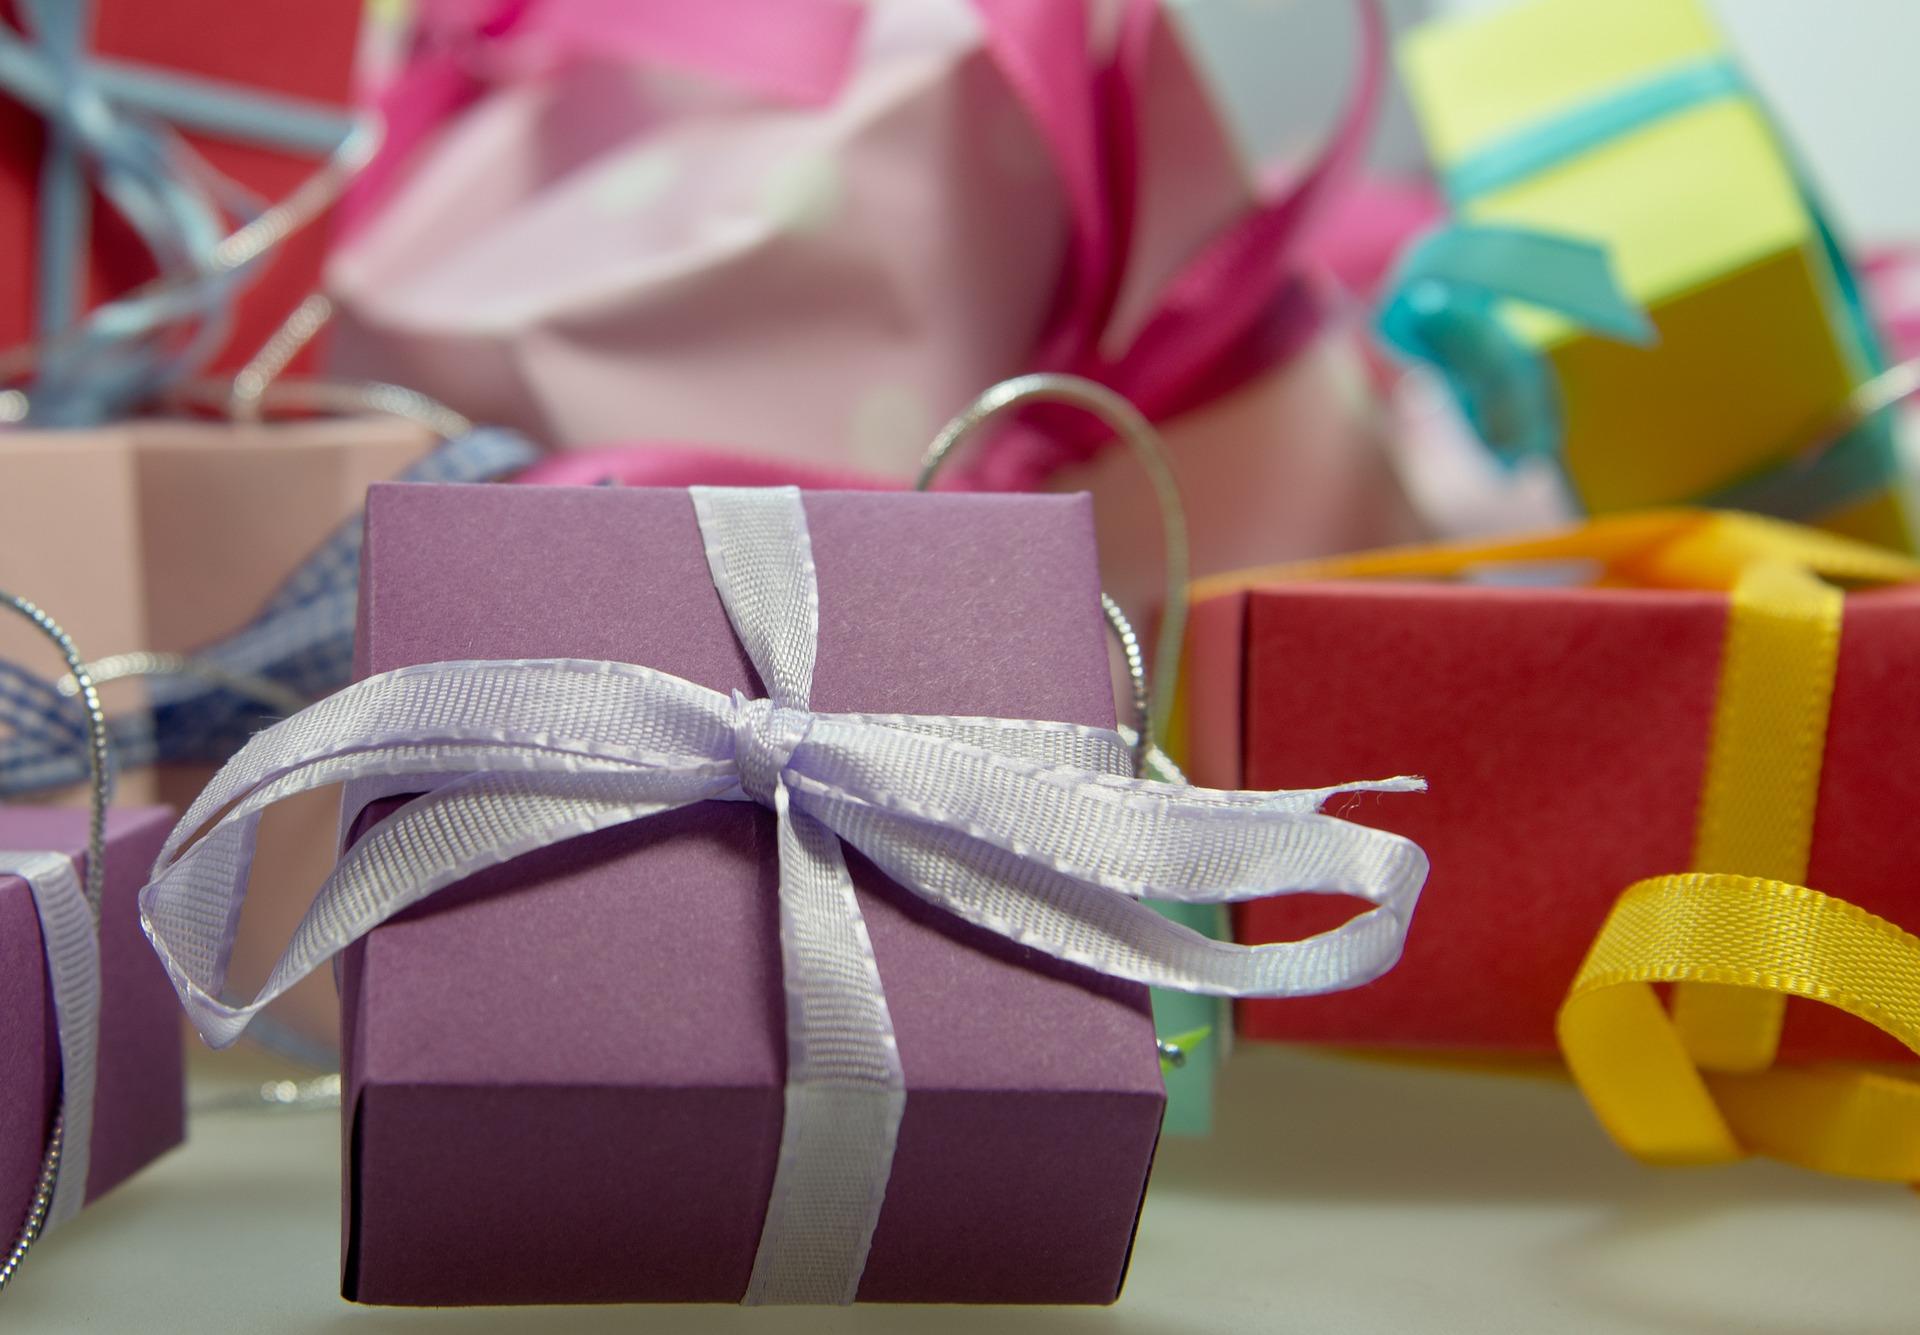 Wręczanie prezentów to przyjemność